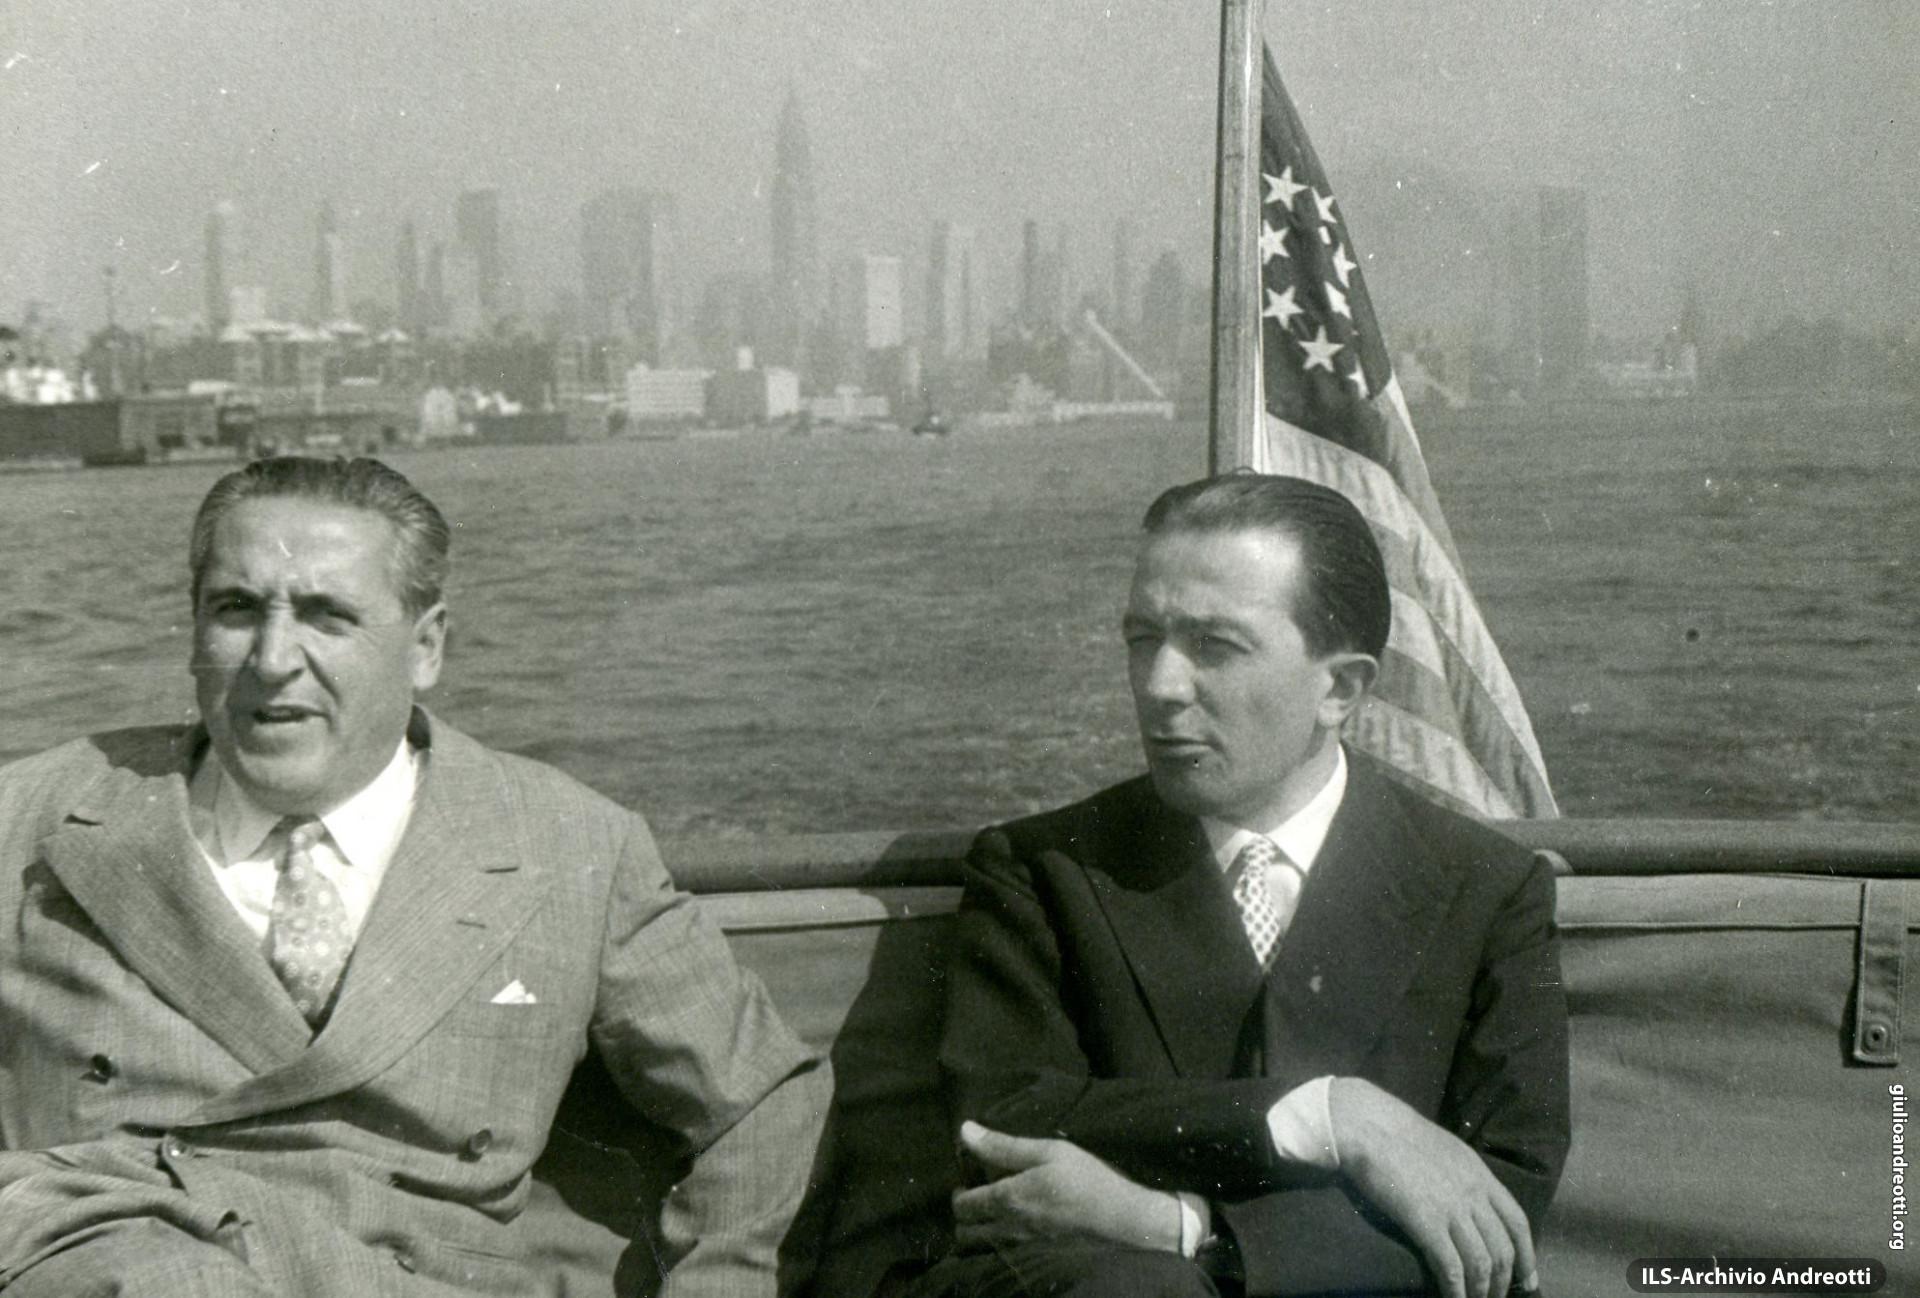 Viaggio in America a bordo della Cristoforo Colombo. Arrivo a New York. Con Italo Gemini.